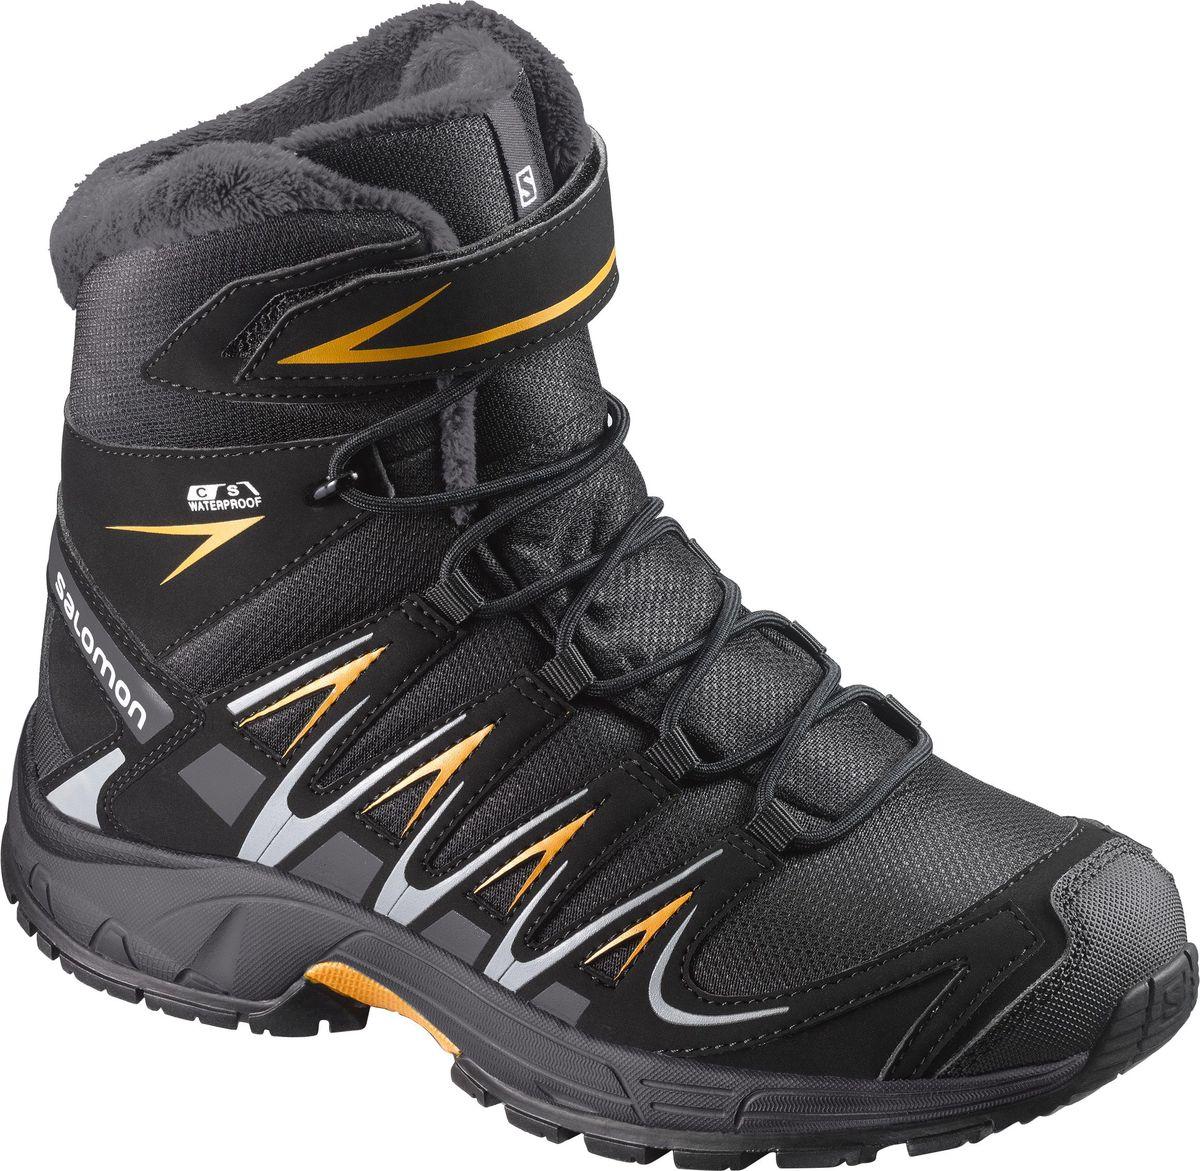 Ботинки детские Salomon XA PRO 3D Winter TS CSWP J, цвет: черный. L39845700. Размер 32 (30,5)L39845700Полностью непромокаемые и утепленные уютным мехом ботинки XA PRO 3D Winter TS CSWP для подростков имеют легендарную посадку Salomon и сцепление и подходят для любой активности в холодную мокрую погоду.